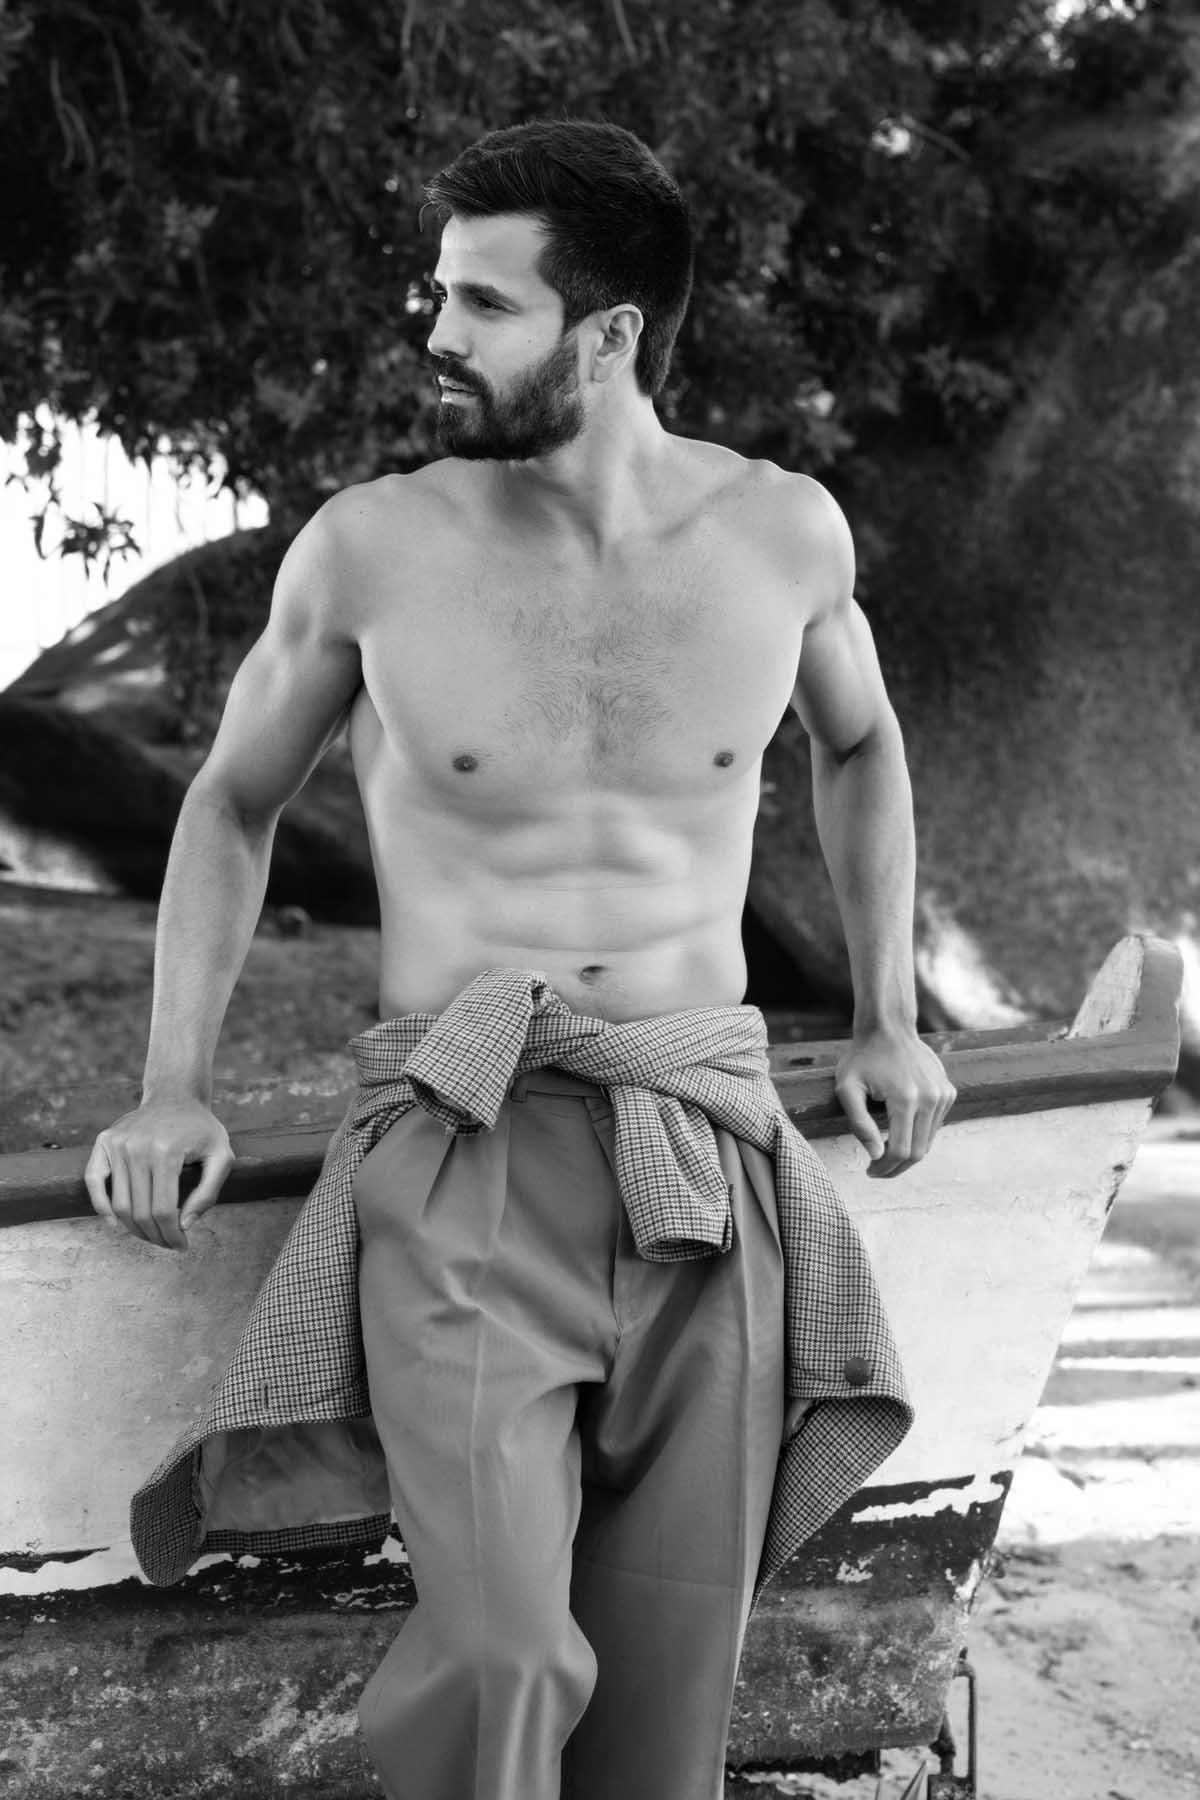 Daniel Maimone by Felipe Valim for Brazilian Male Model